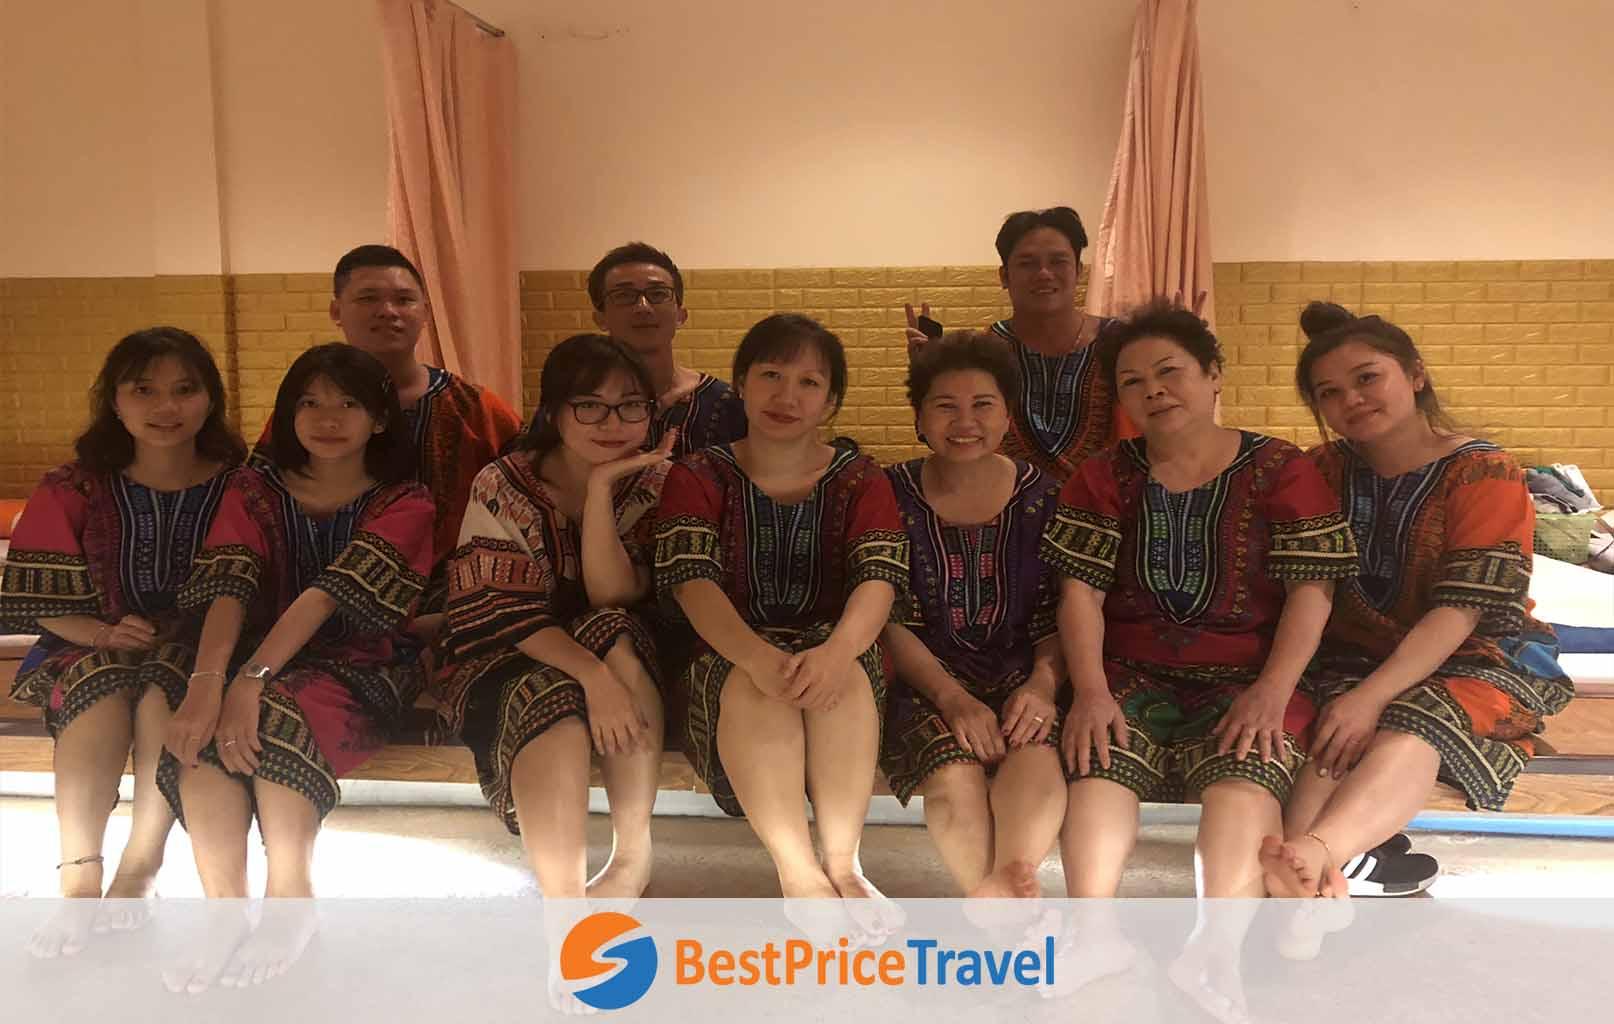 Quý khách được tặng 1 tiếng Massage Thái cổ truyền